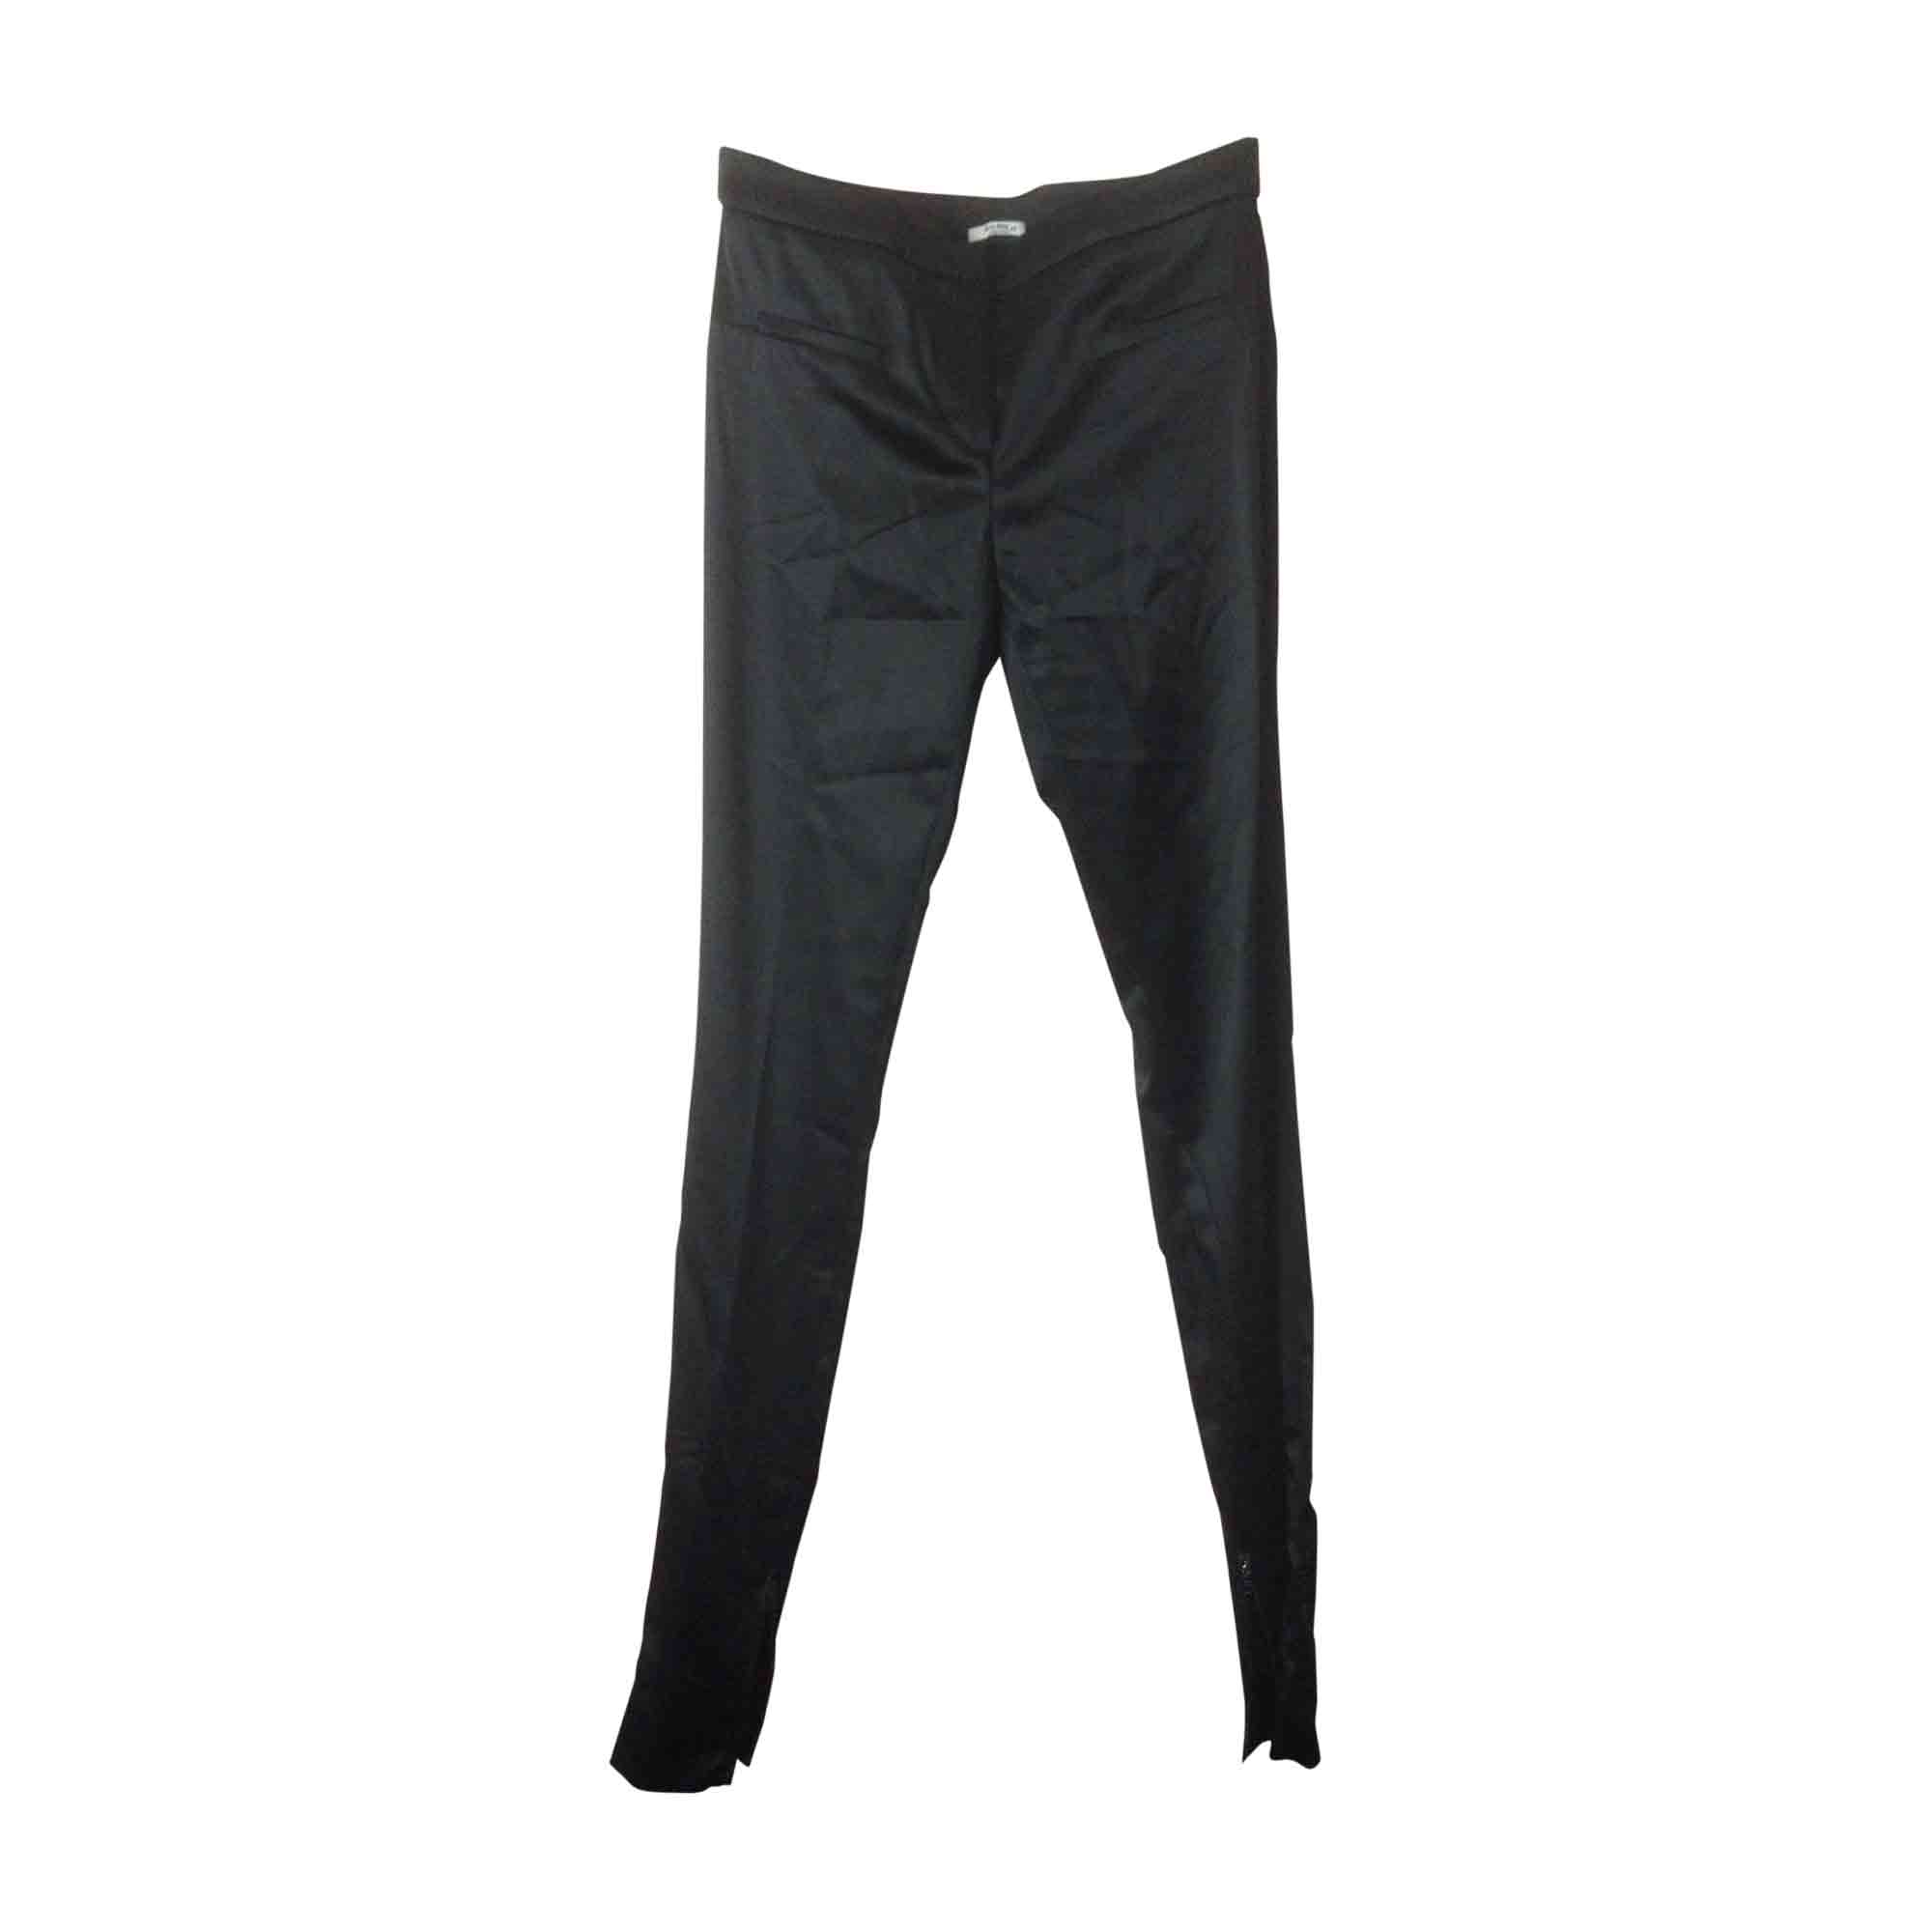 Pantalon slim, cigarette MIU MIU Noir